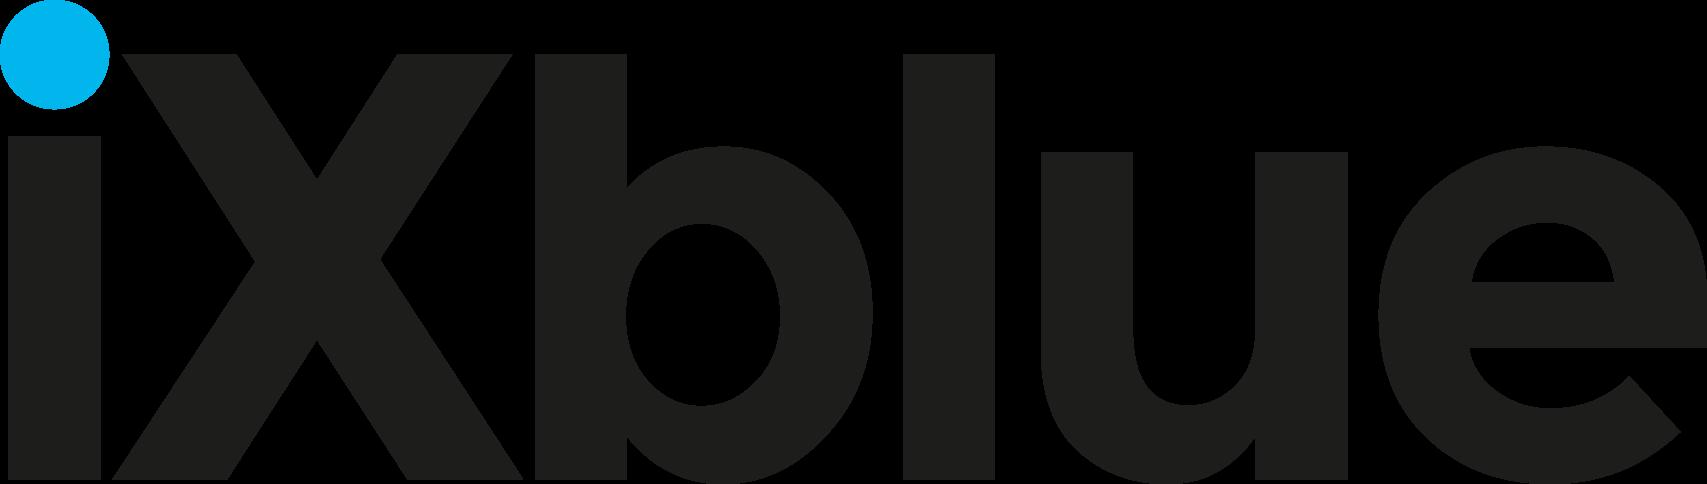 Ixblue-logo